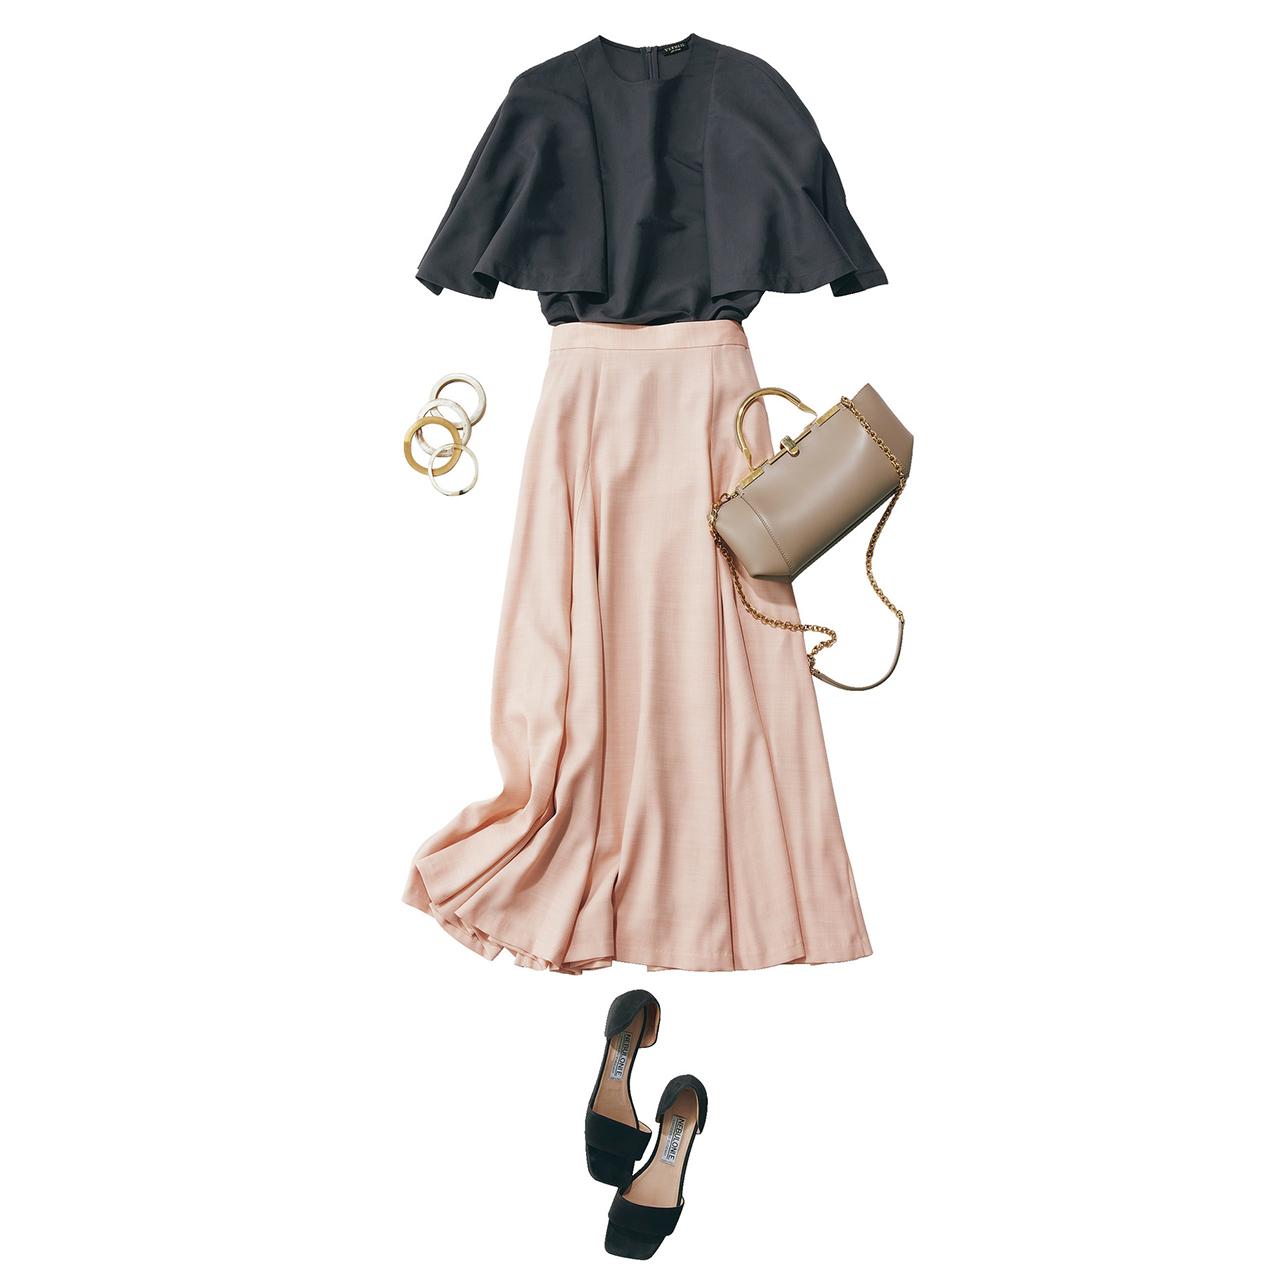 チャコールグレーのブラウス×ピンクスカートのメリハリ配色コーデ